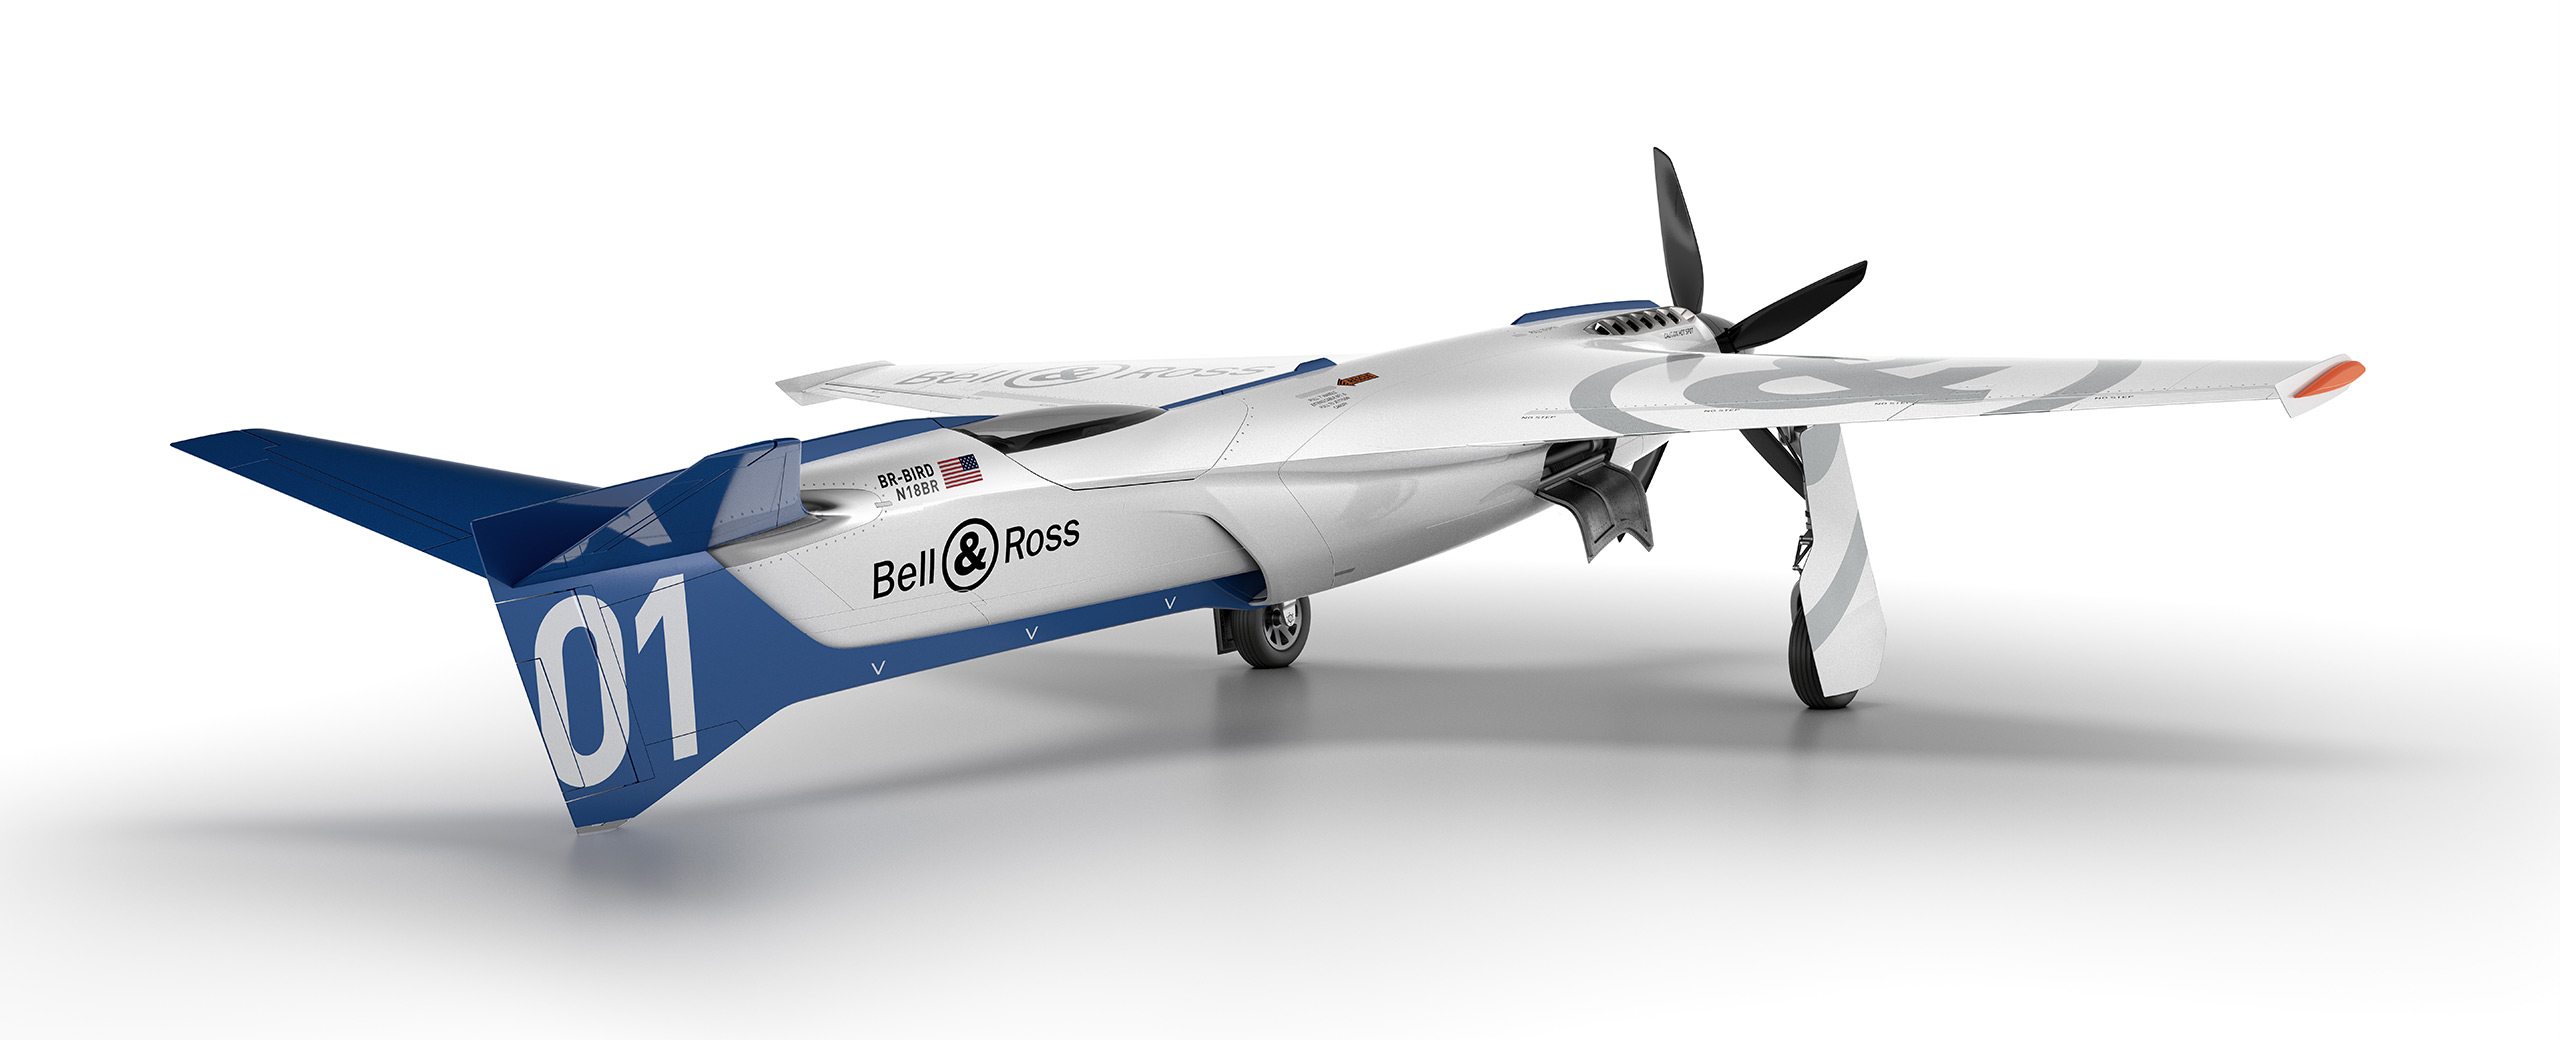 BR V1-92 RACING BIRD